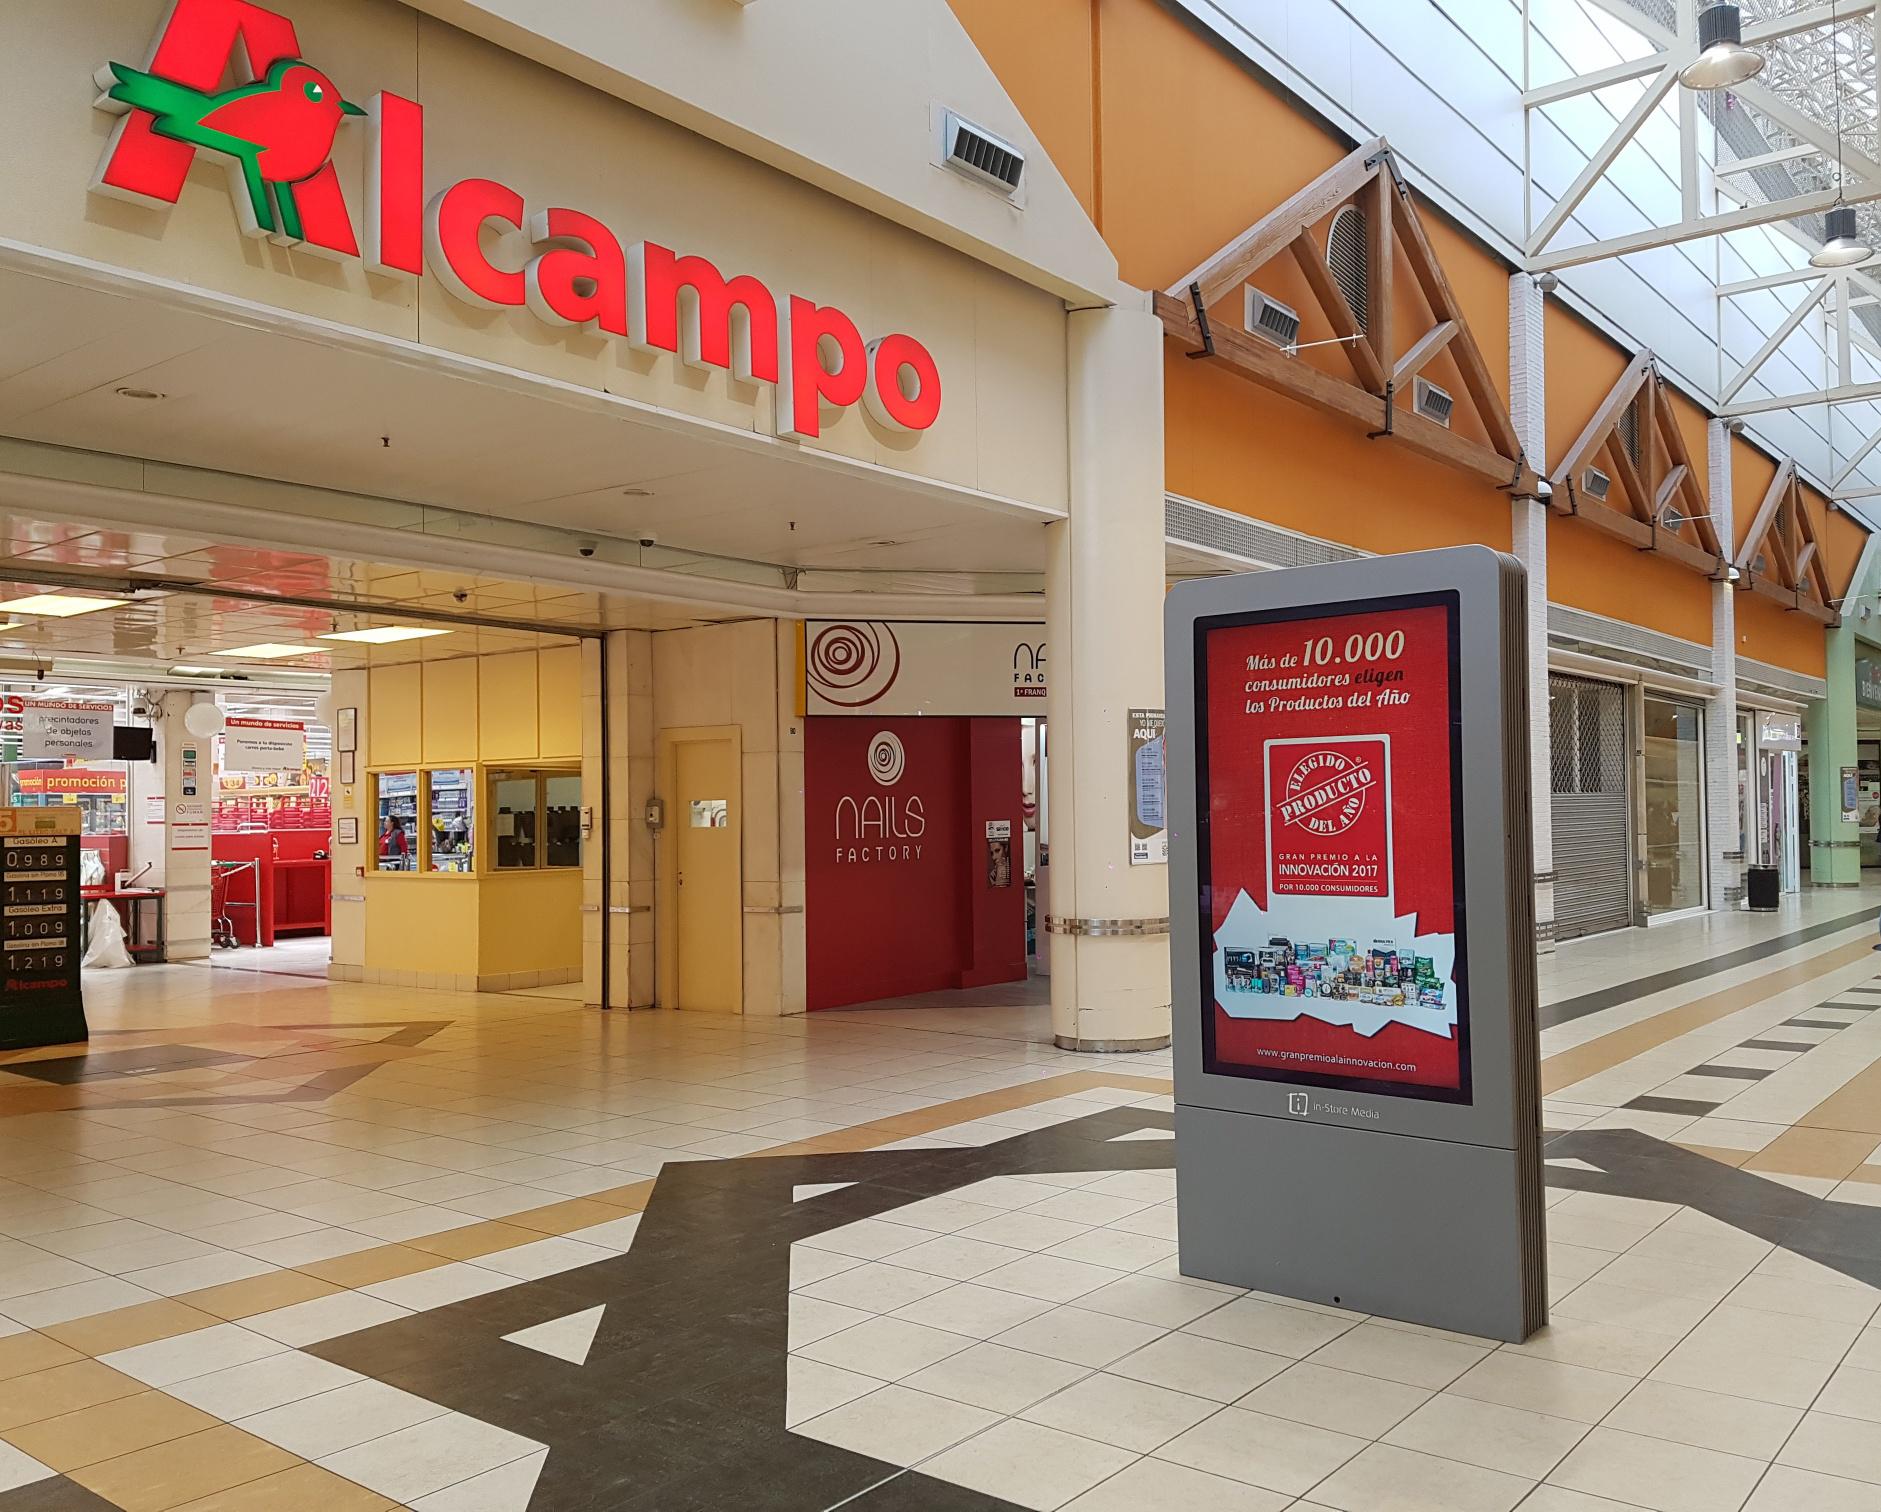 Campaña de los Productos del Año en centros Alcampo